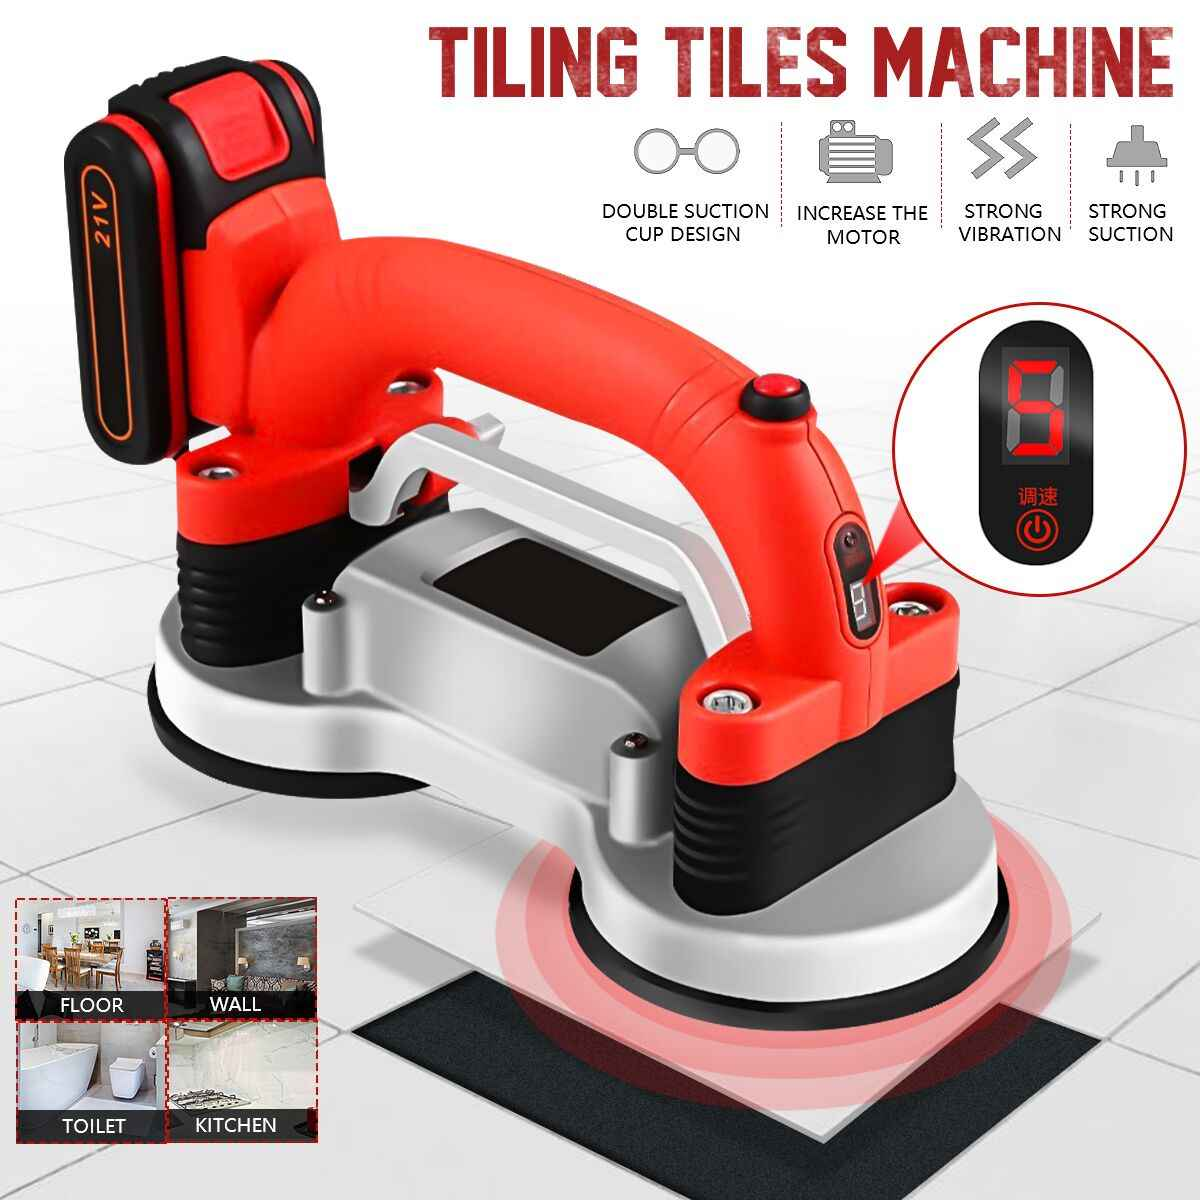 Tiling Tiles Machine 20 20mm Tiles Vibrator Suction Cup ...